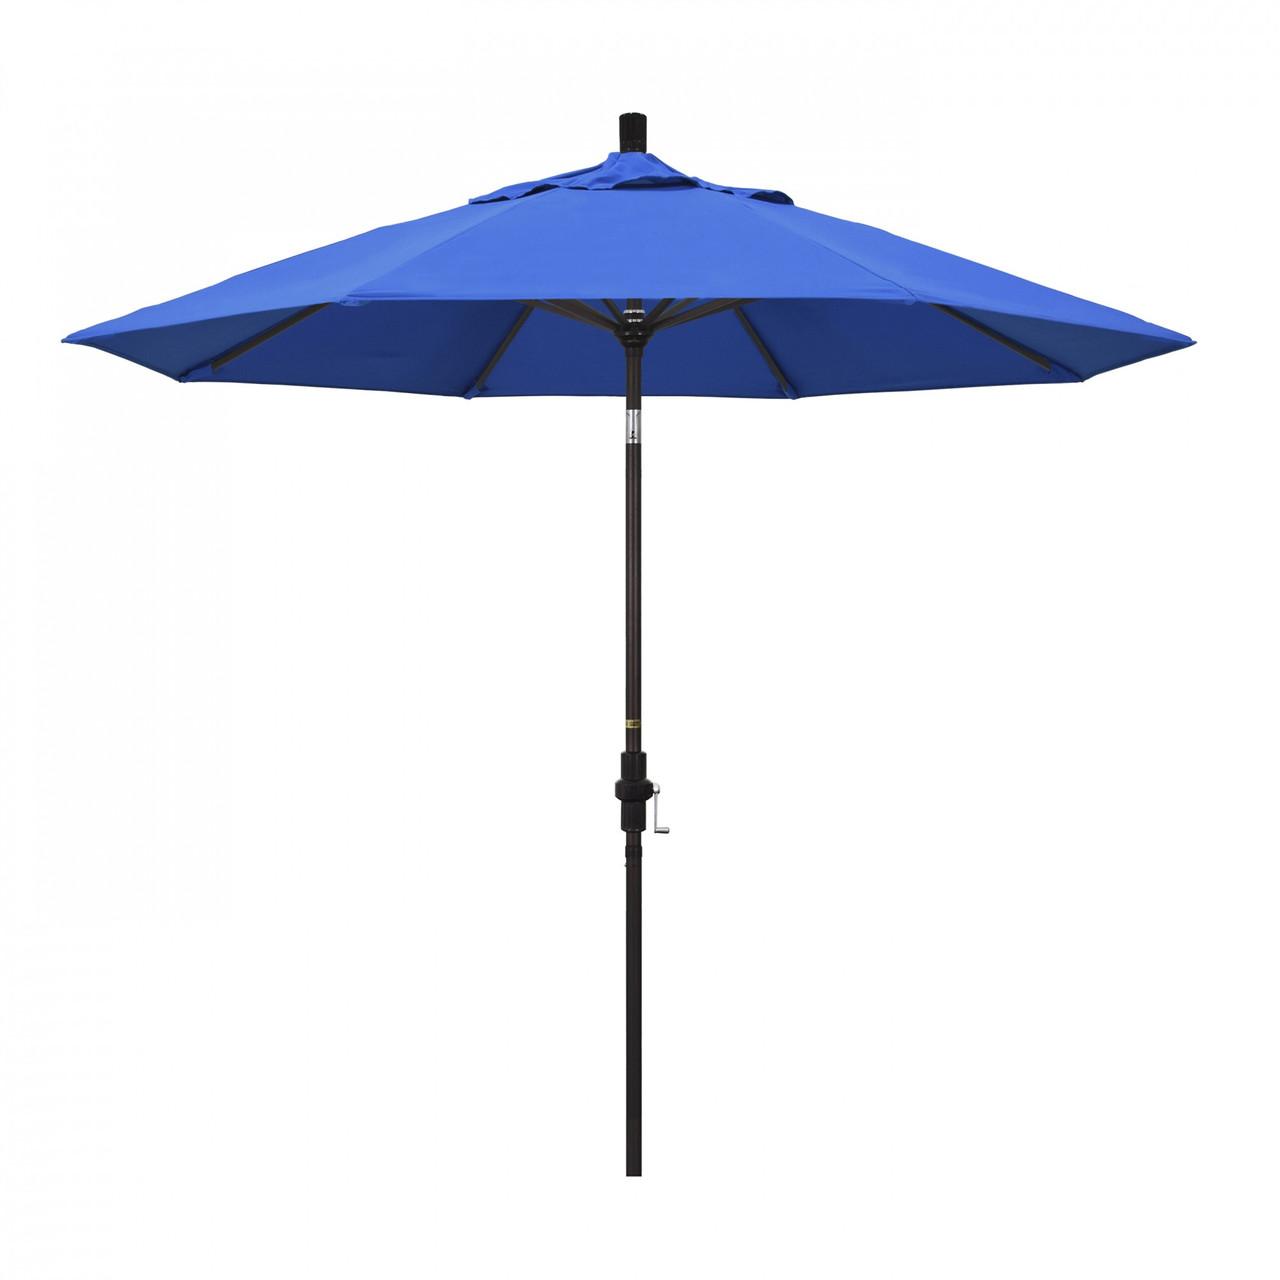 california umbrella 9 ft golden state series patio umbrella with bronze aluminum pole